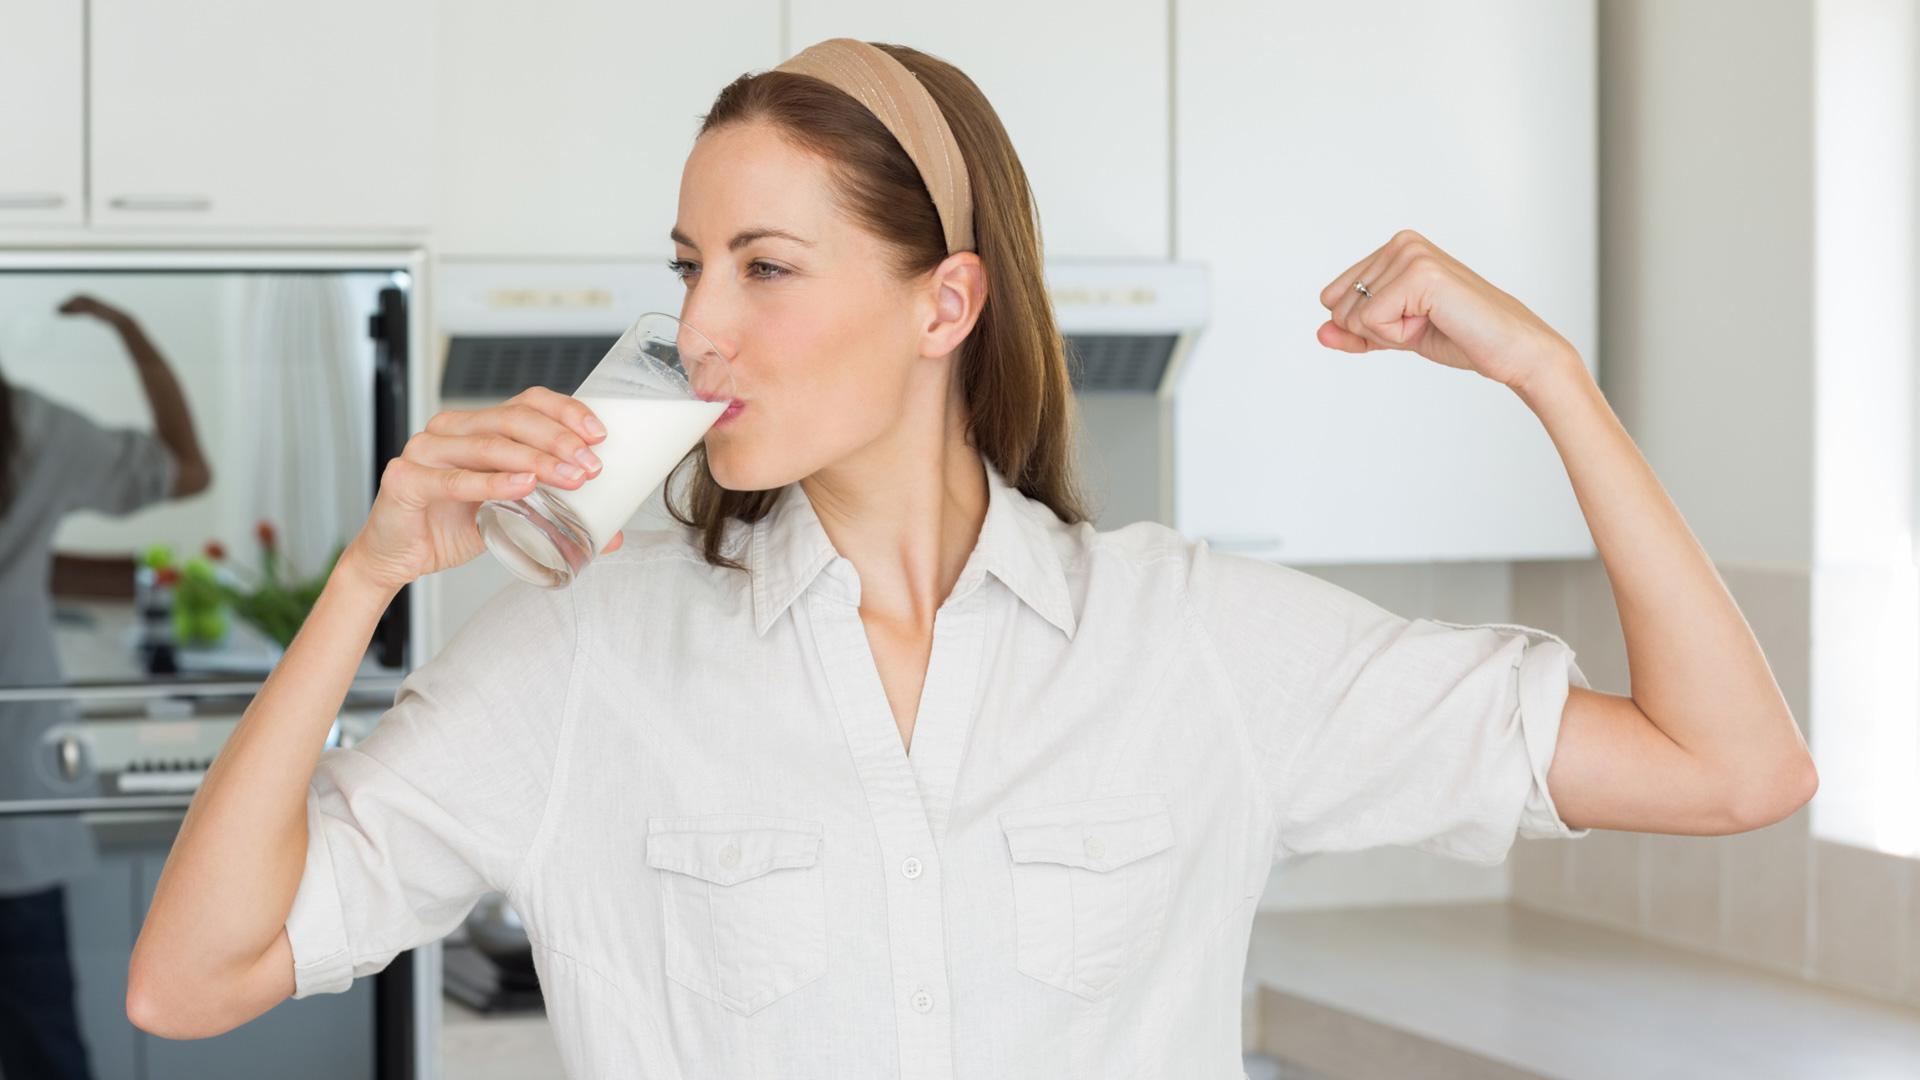 Pentingkah Minum Susu Selama Masa Kehamilan?